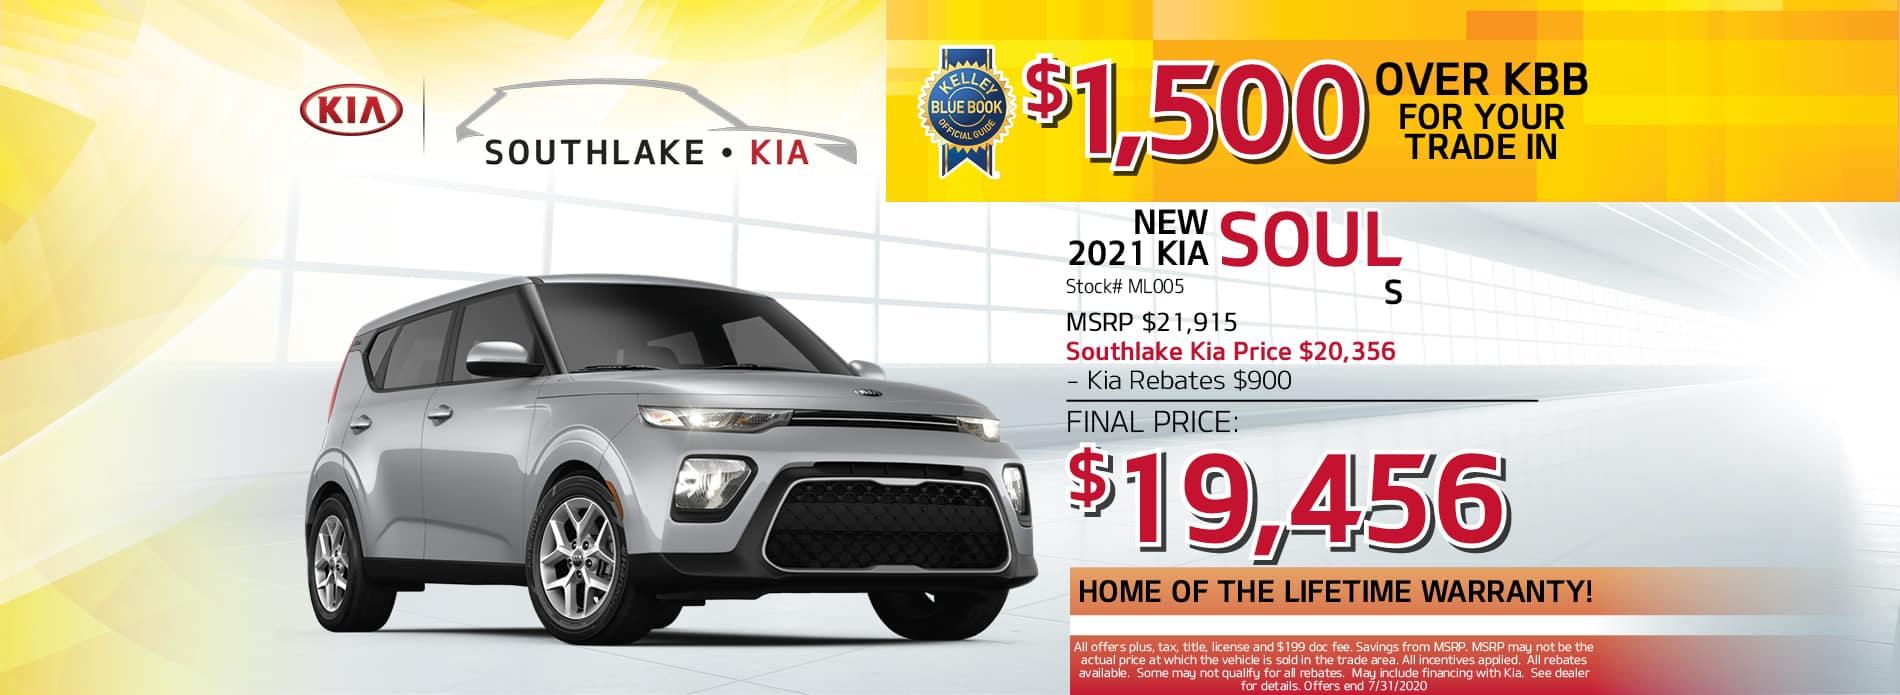 2020 Kia Soul Lease Offer | Southlake Kia